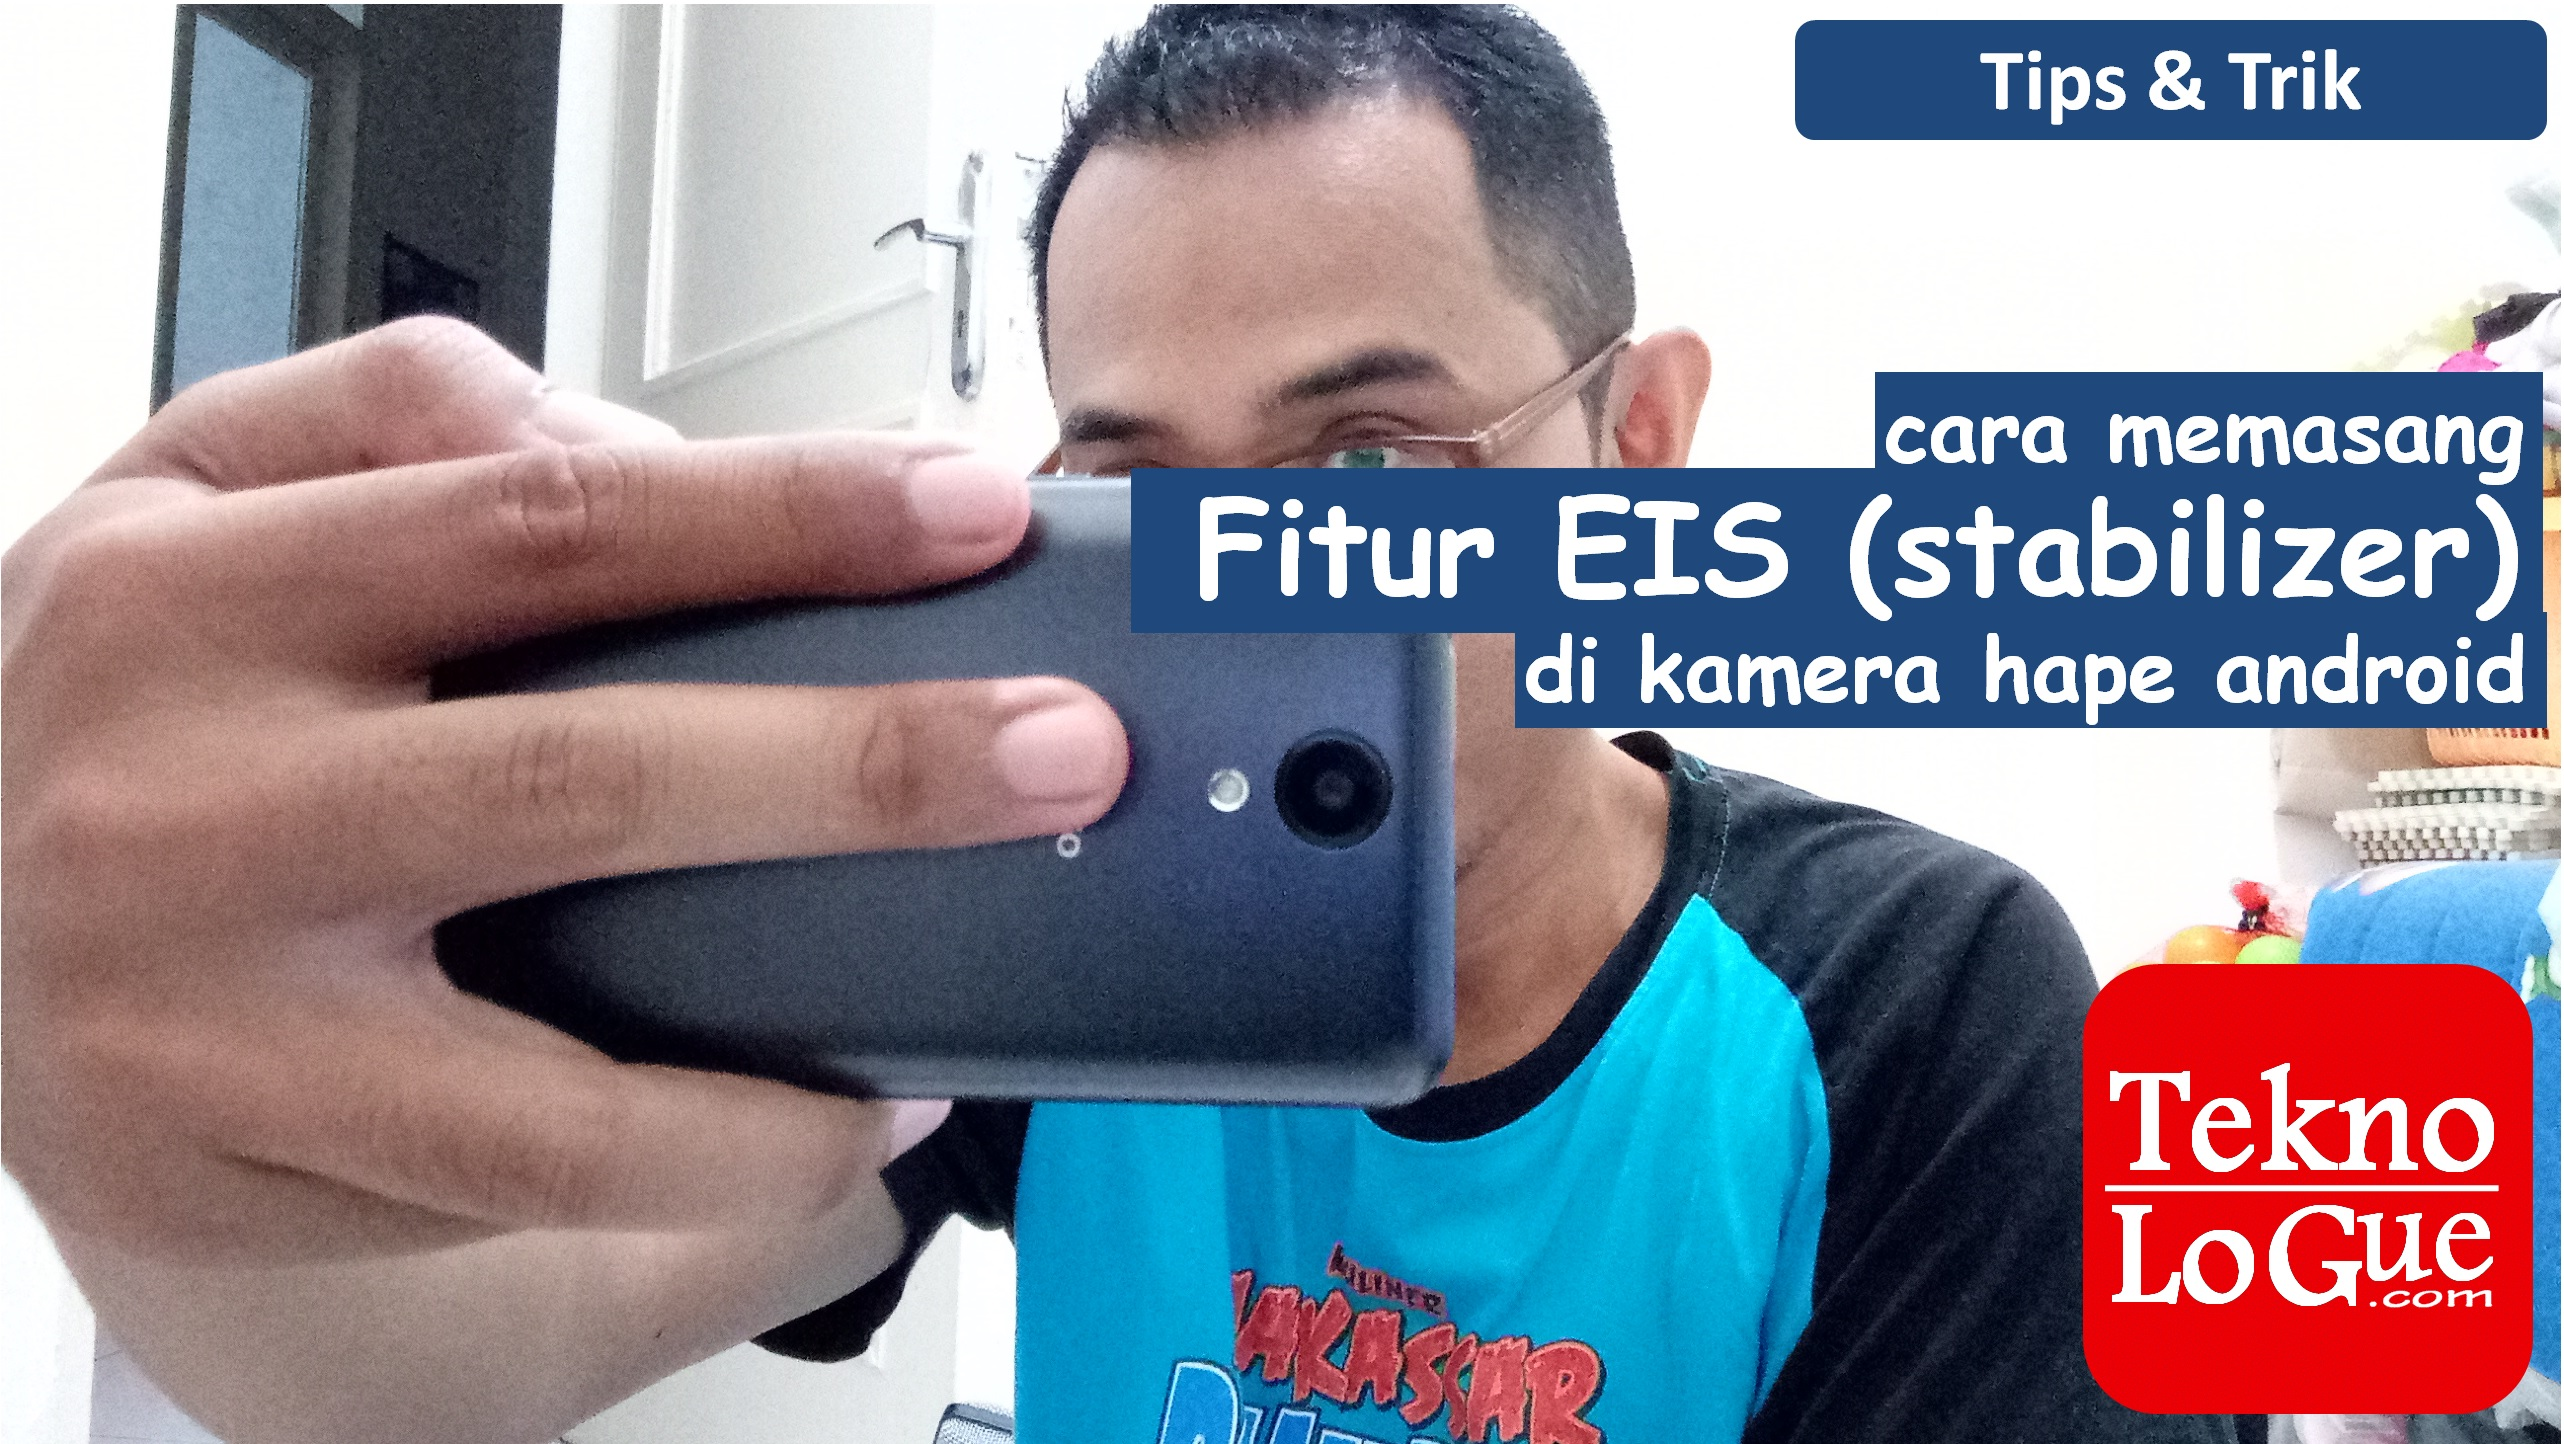 Cara memasang fitur EIS (stabilizer) di kamera hape android